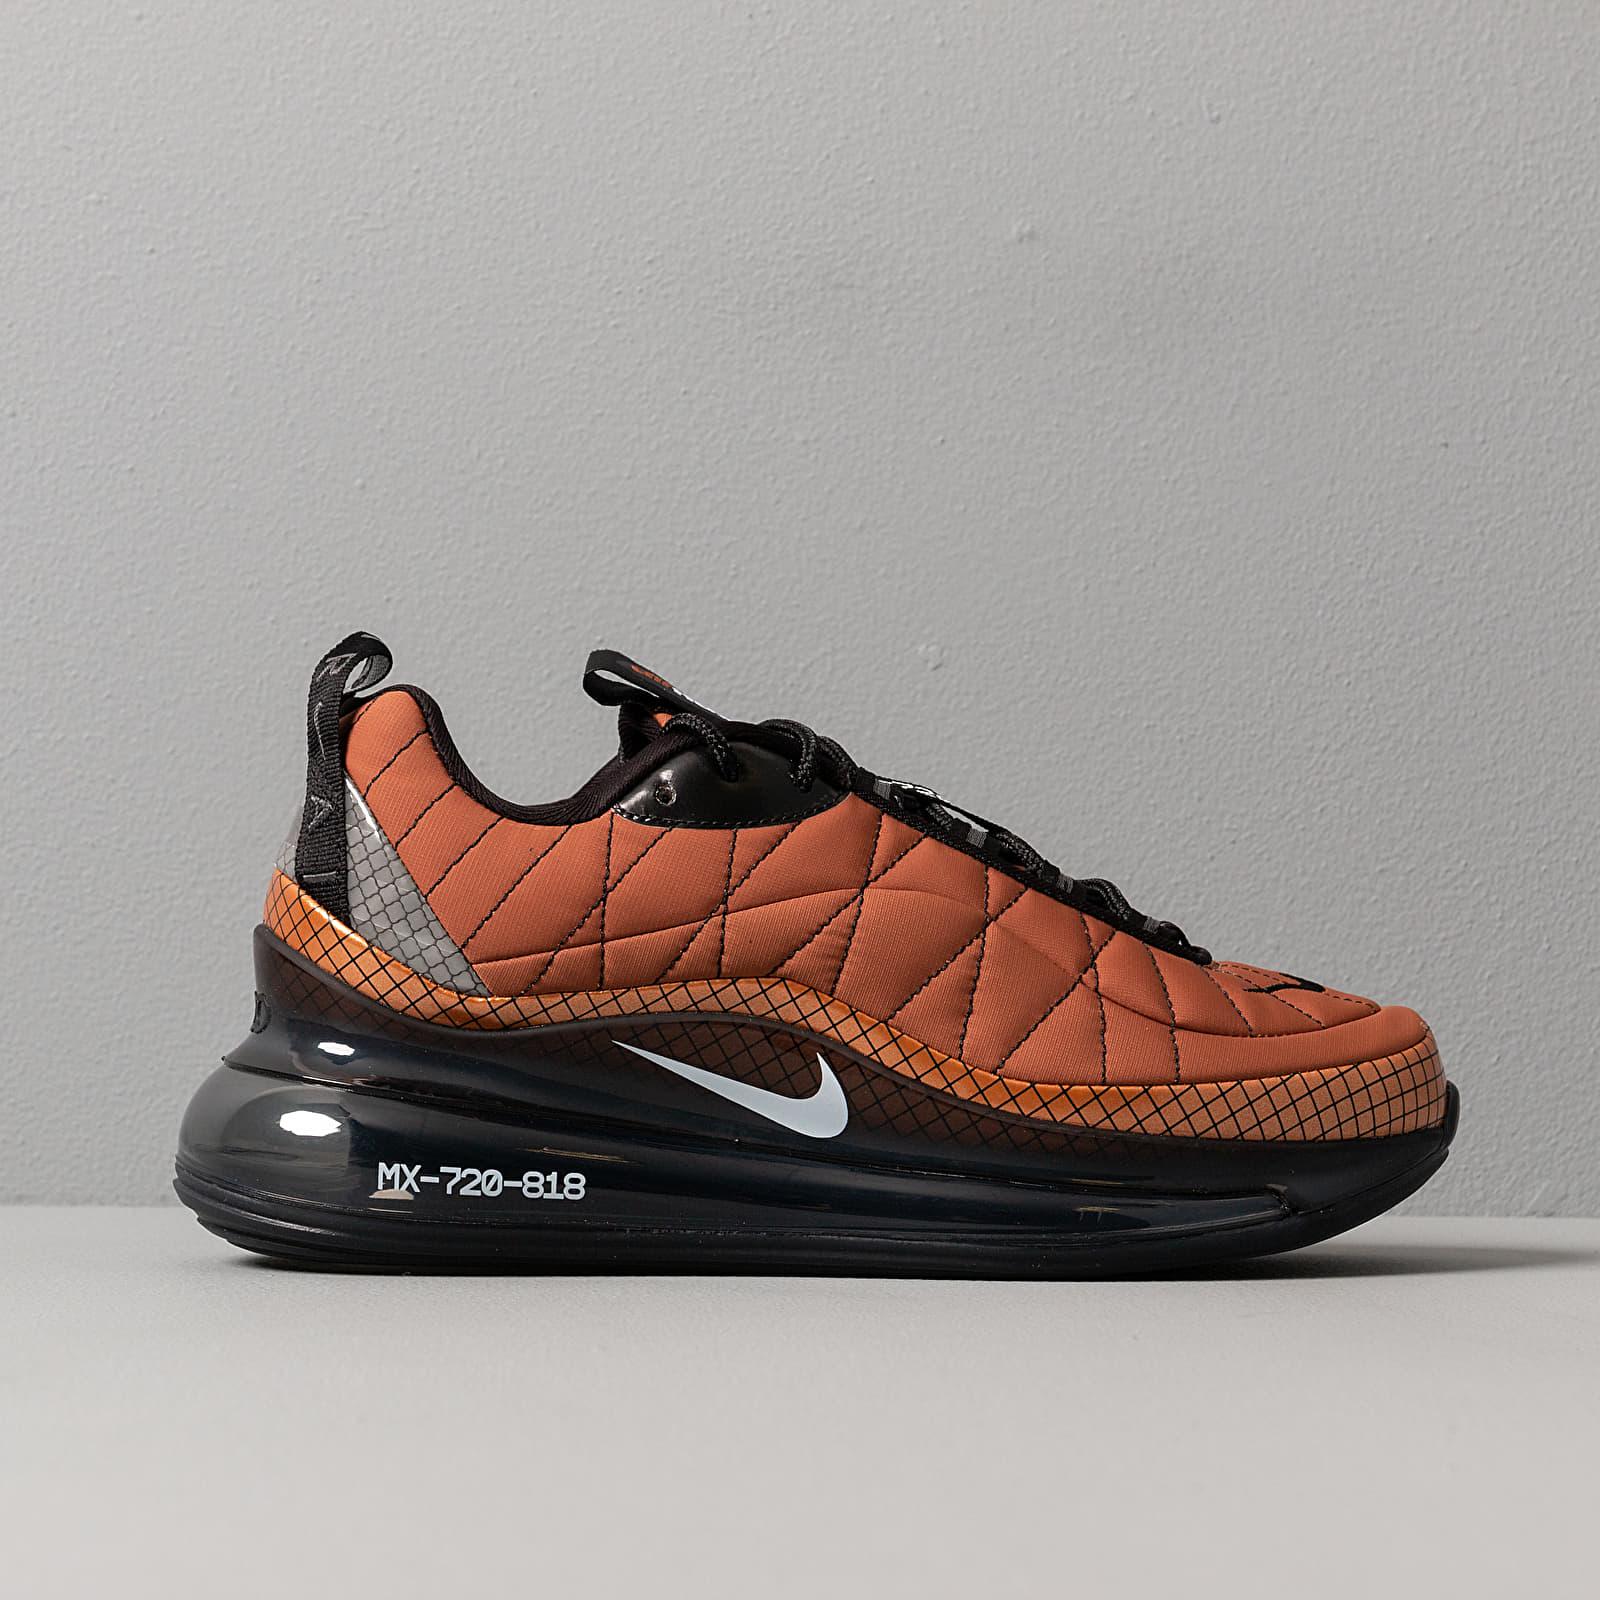 Nike W Mx 720 818 Metallic Copper White Black Anthracite   Footshop